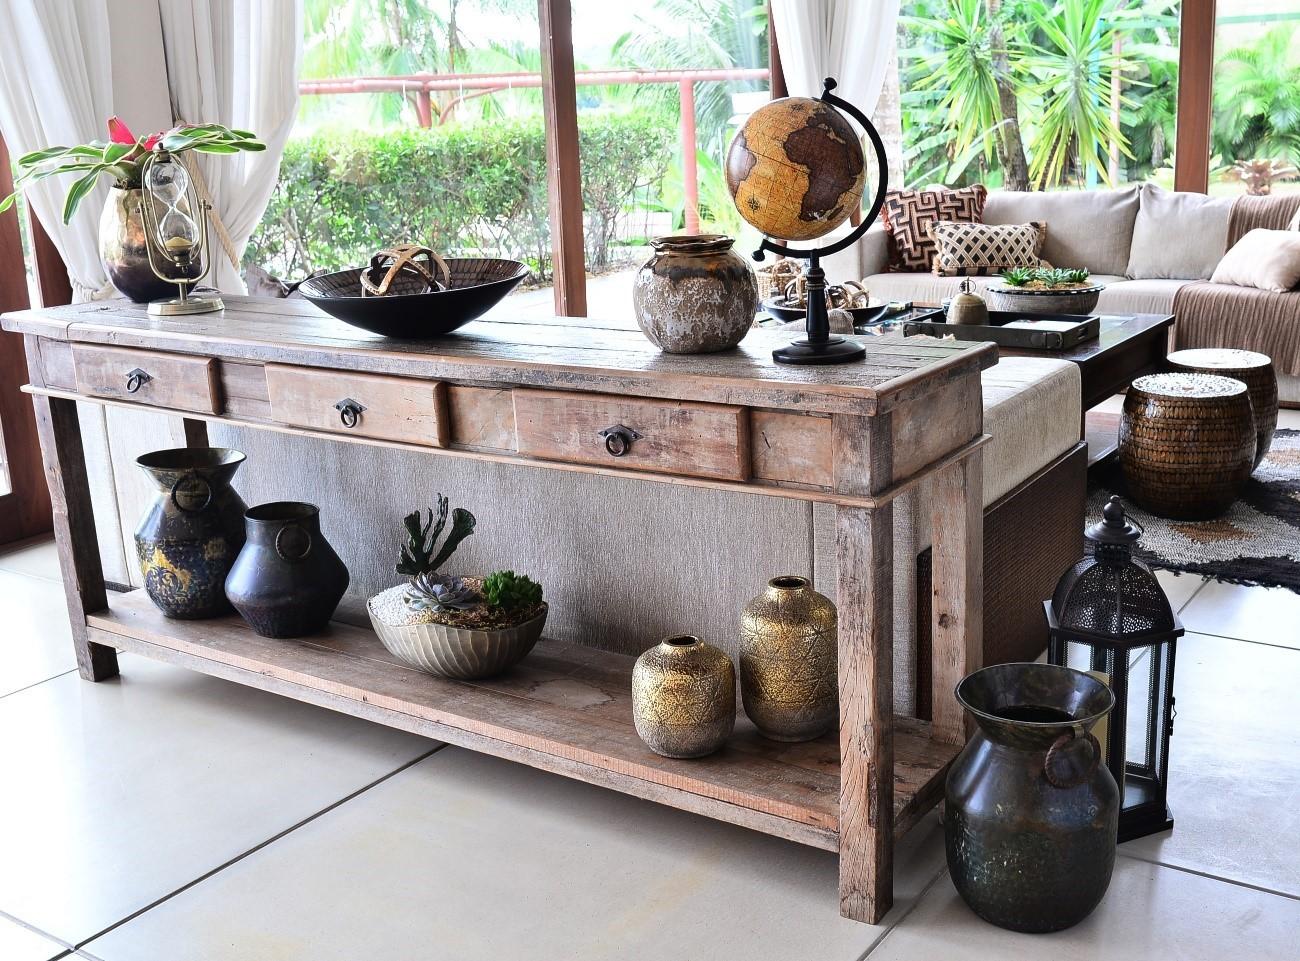 Outro ângulo do ambiente, com destaque para vasos em tons de metais queimados  (Foto: Reprodução)